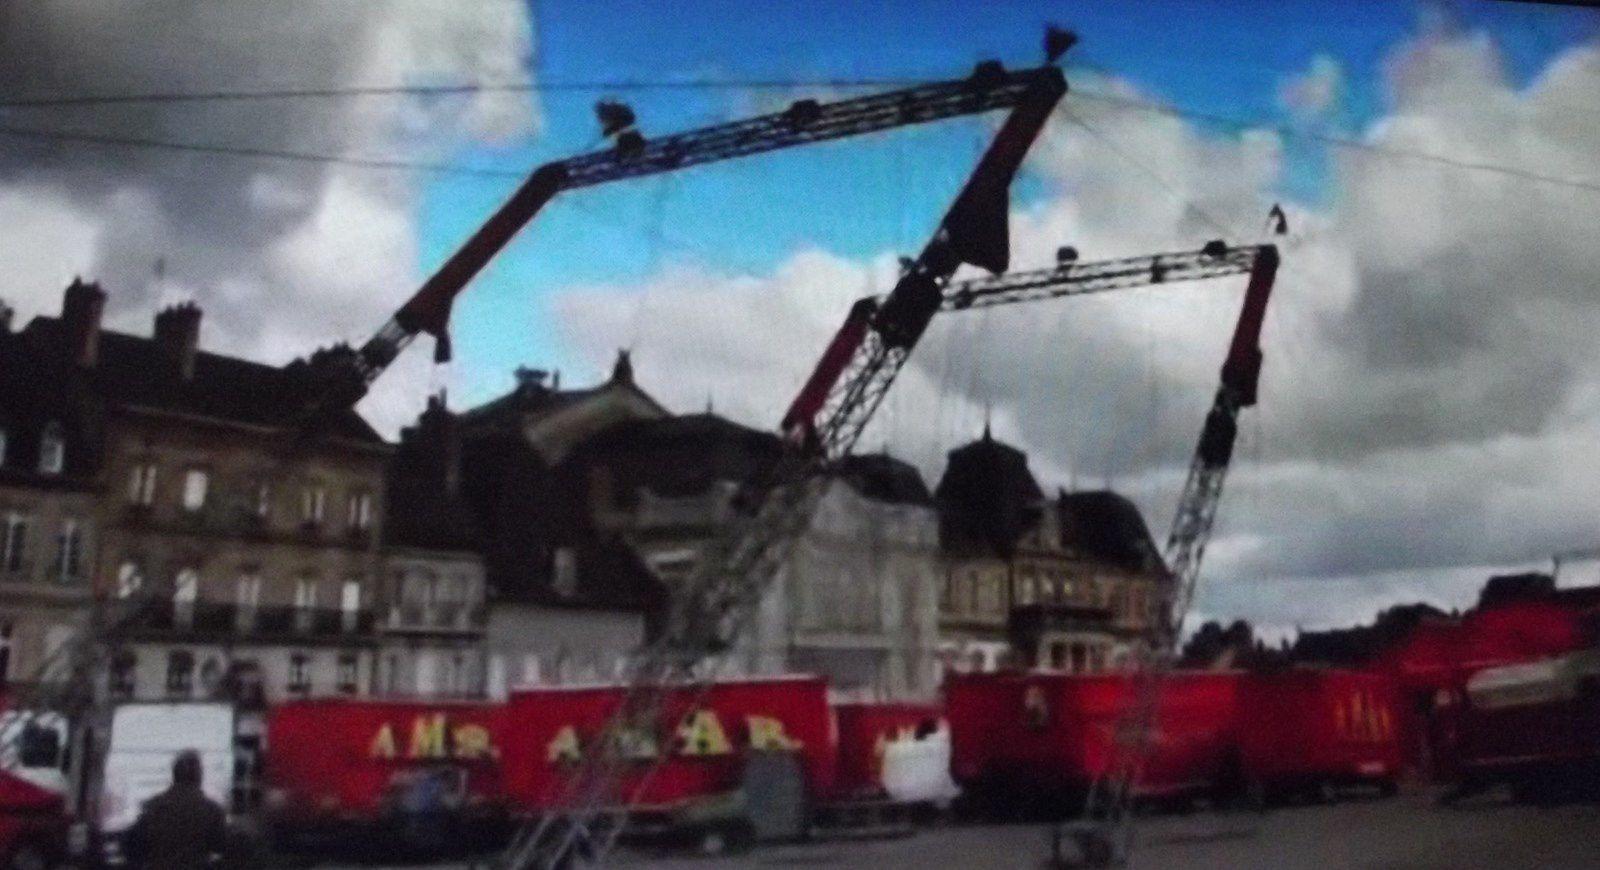 """L'arrivée du Cirque Amar au centre ville, à voir ! ¤¤¤ Photos (les clairs) d'Autun-infos et les photos foncées proviennent d'une vidéo faite par le site """"Gens du Morvan"""", excellent site. ¤¤¤"""